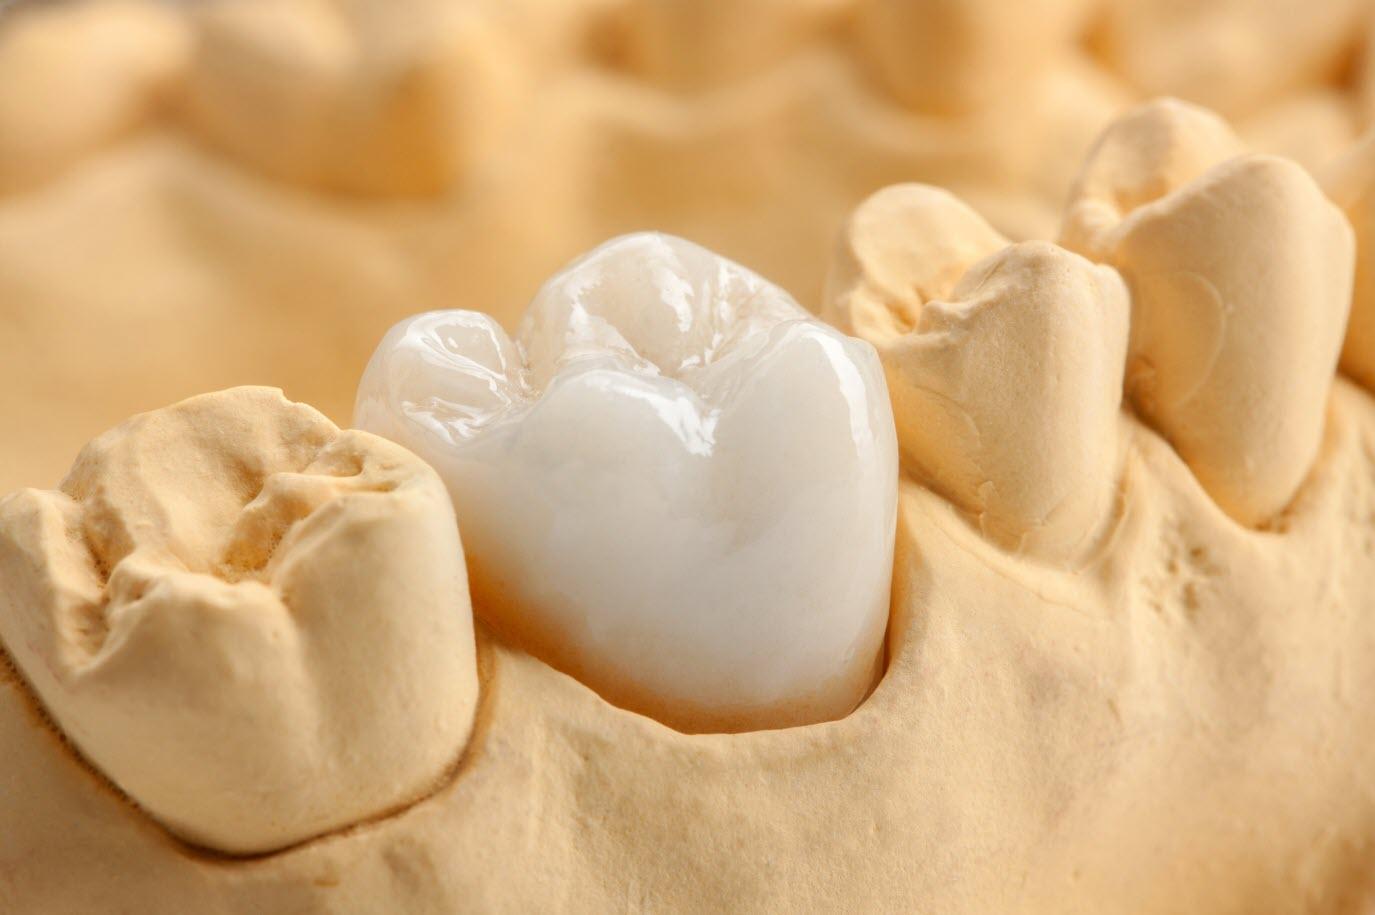 Zirconia Dental Restoration